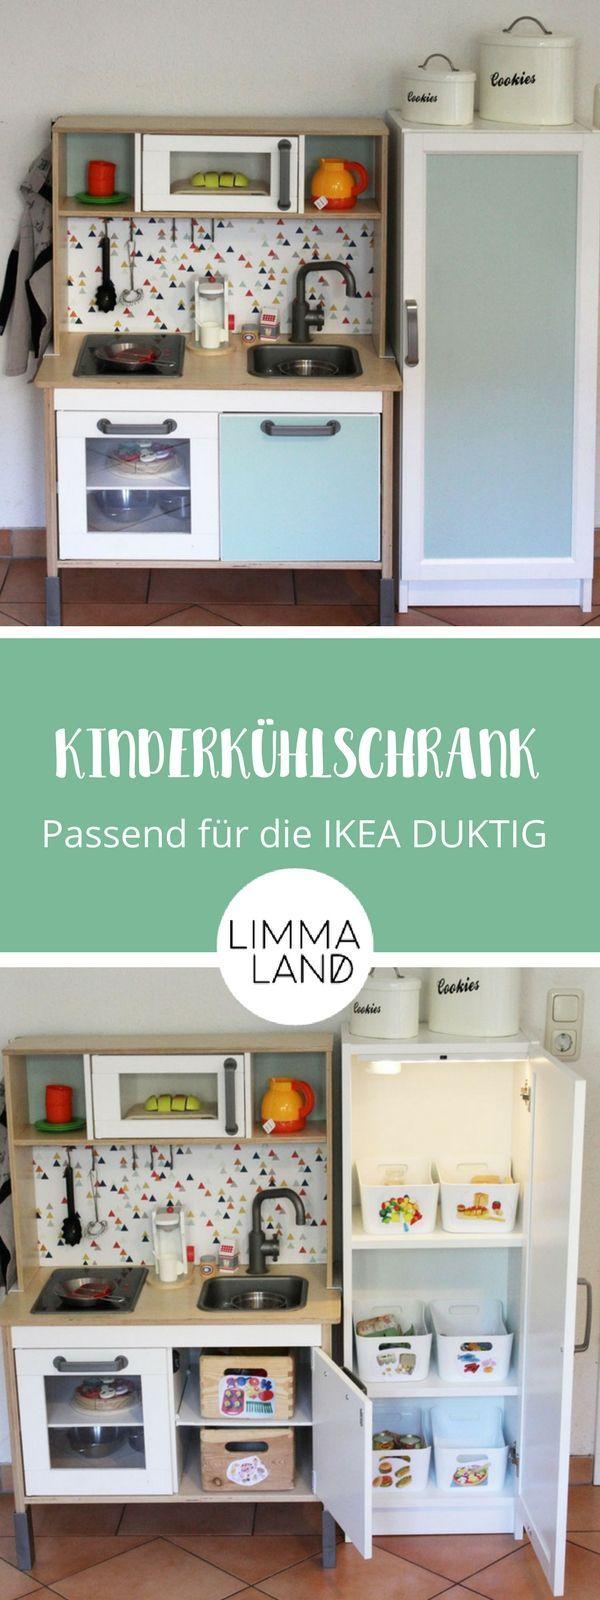 Photo of IKEA Kinderkühlschrank selber bauen: Passend zur Kinderküche